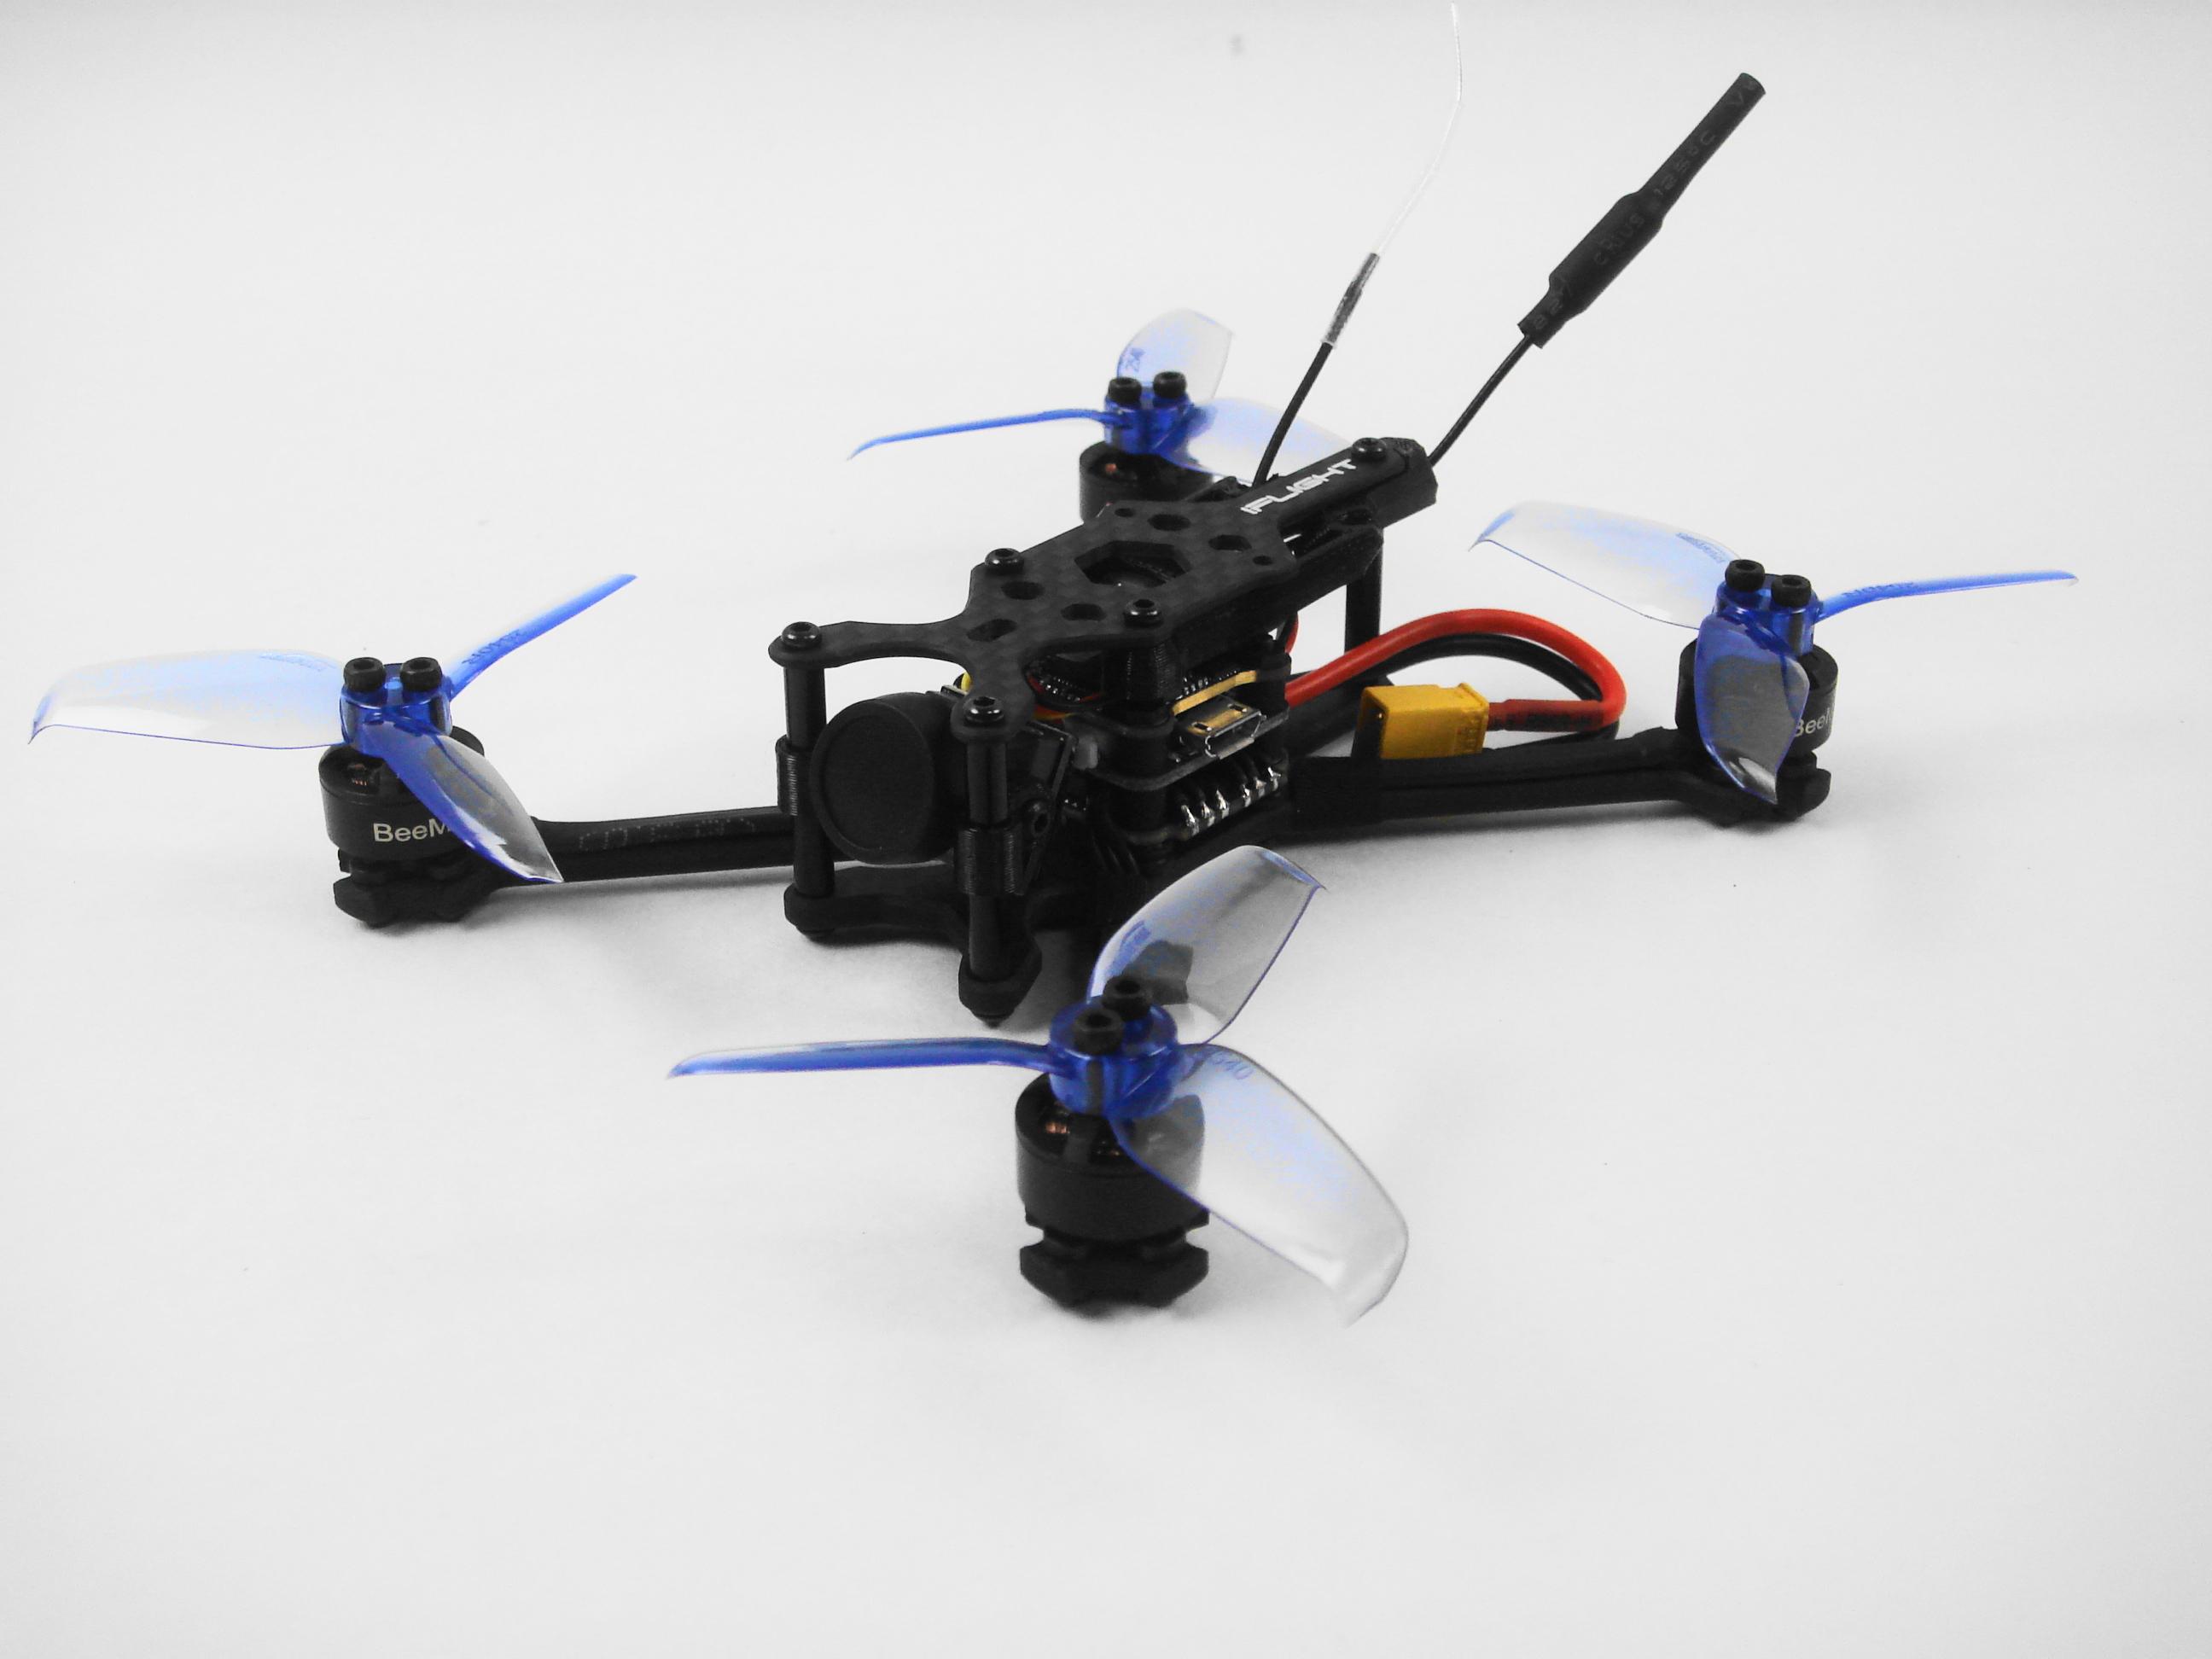 TurboBee 120RS Micro FPV Race Drone 4セル仕様(iFlight) 送信機付き、飛行調整済み(送料無料)